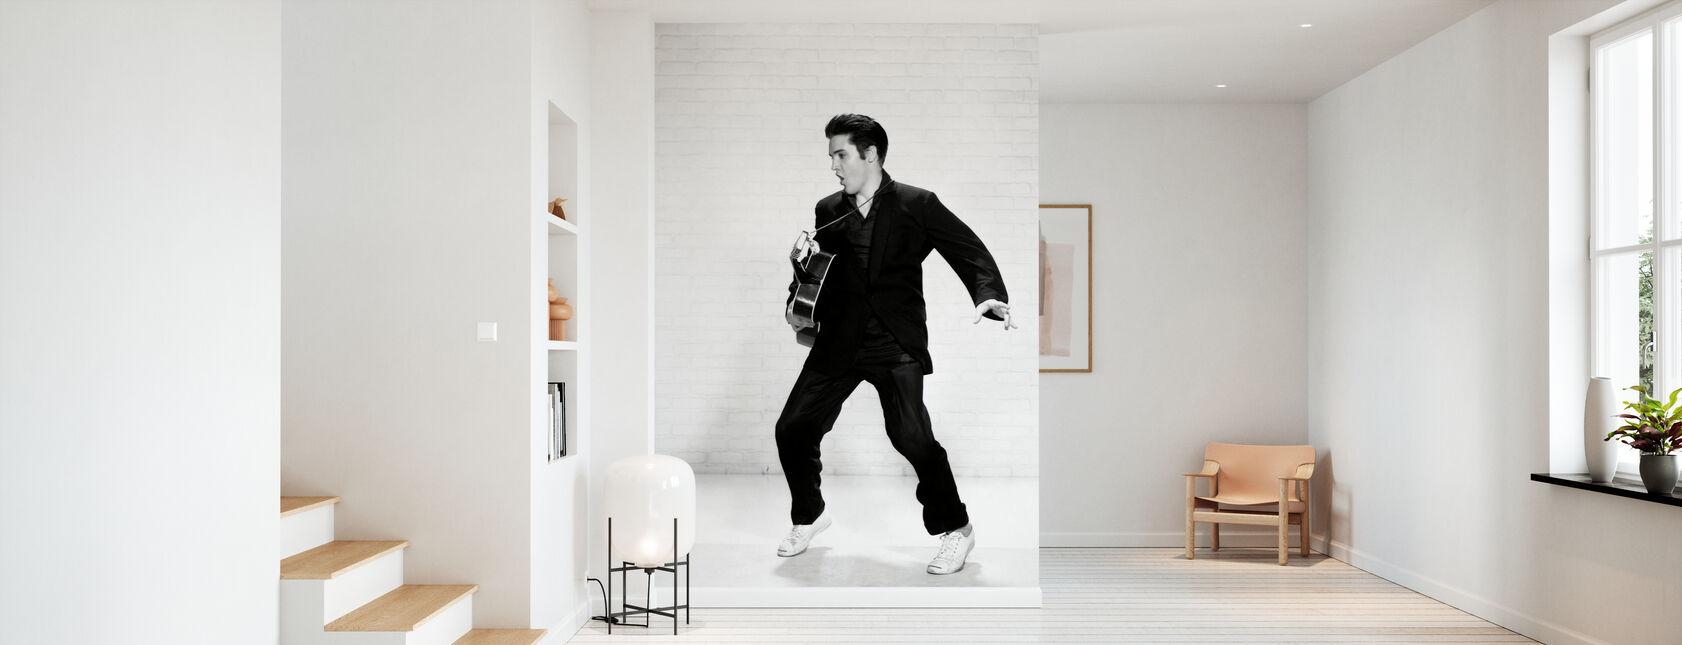 Elvis Presley - Wallpaper - Hallway